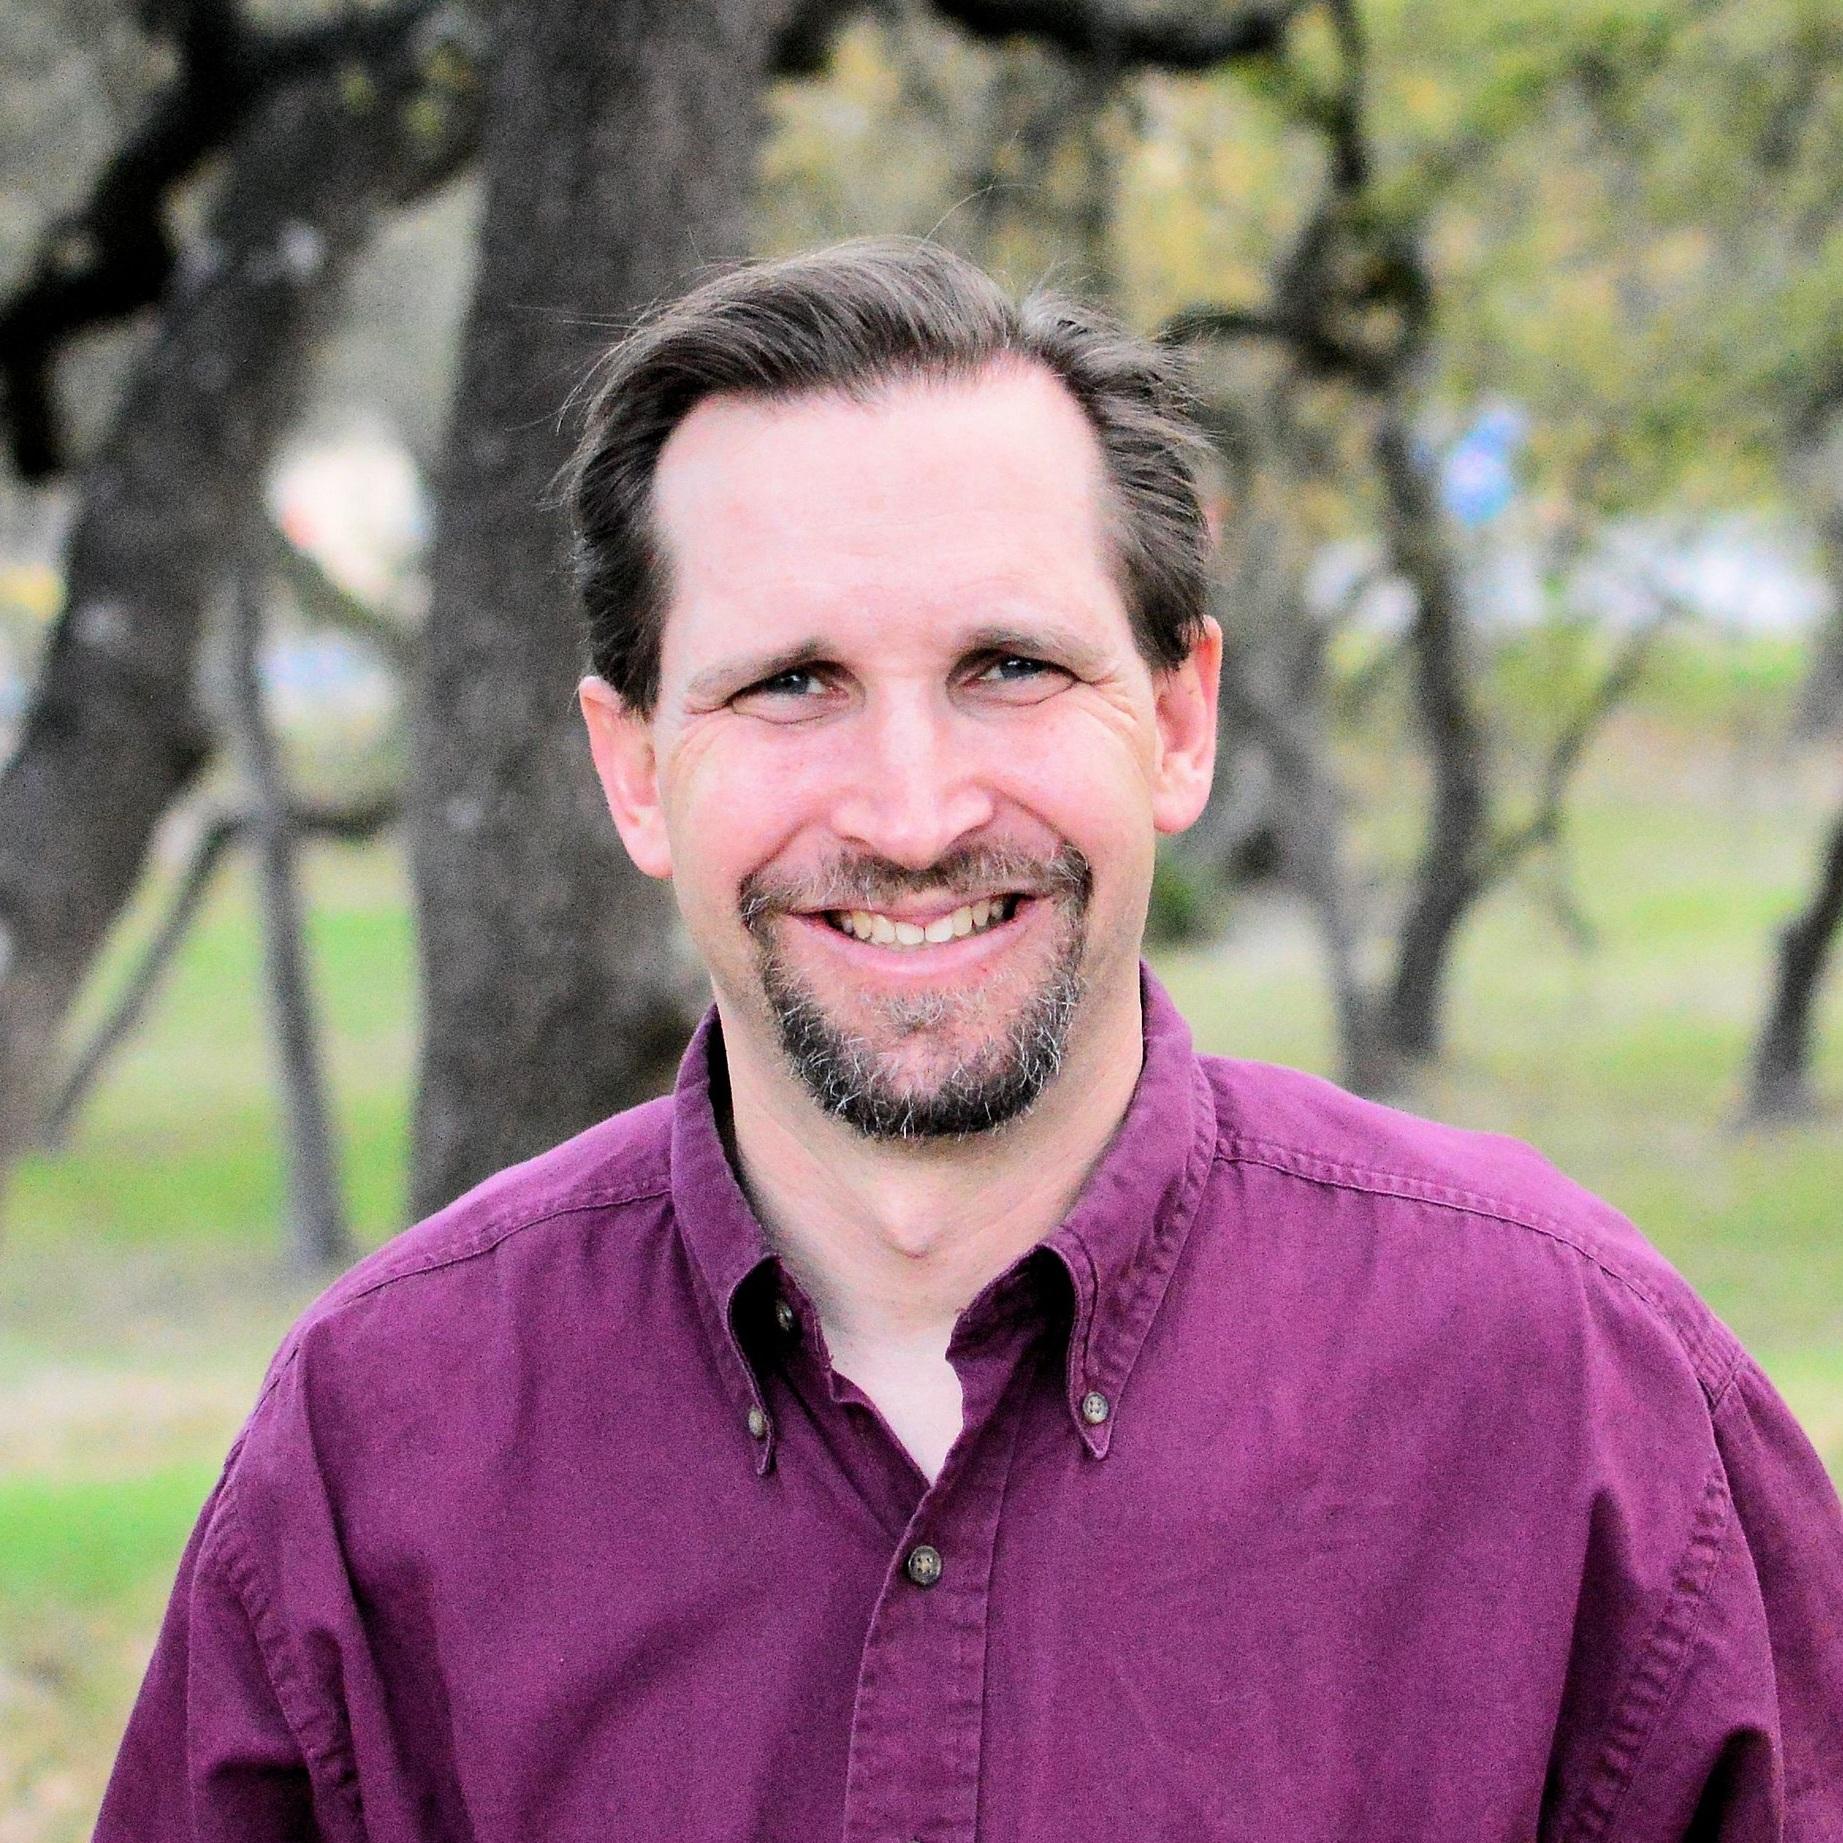 Philip Schroeder, Senior Pastor